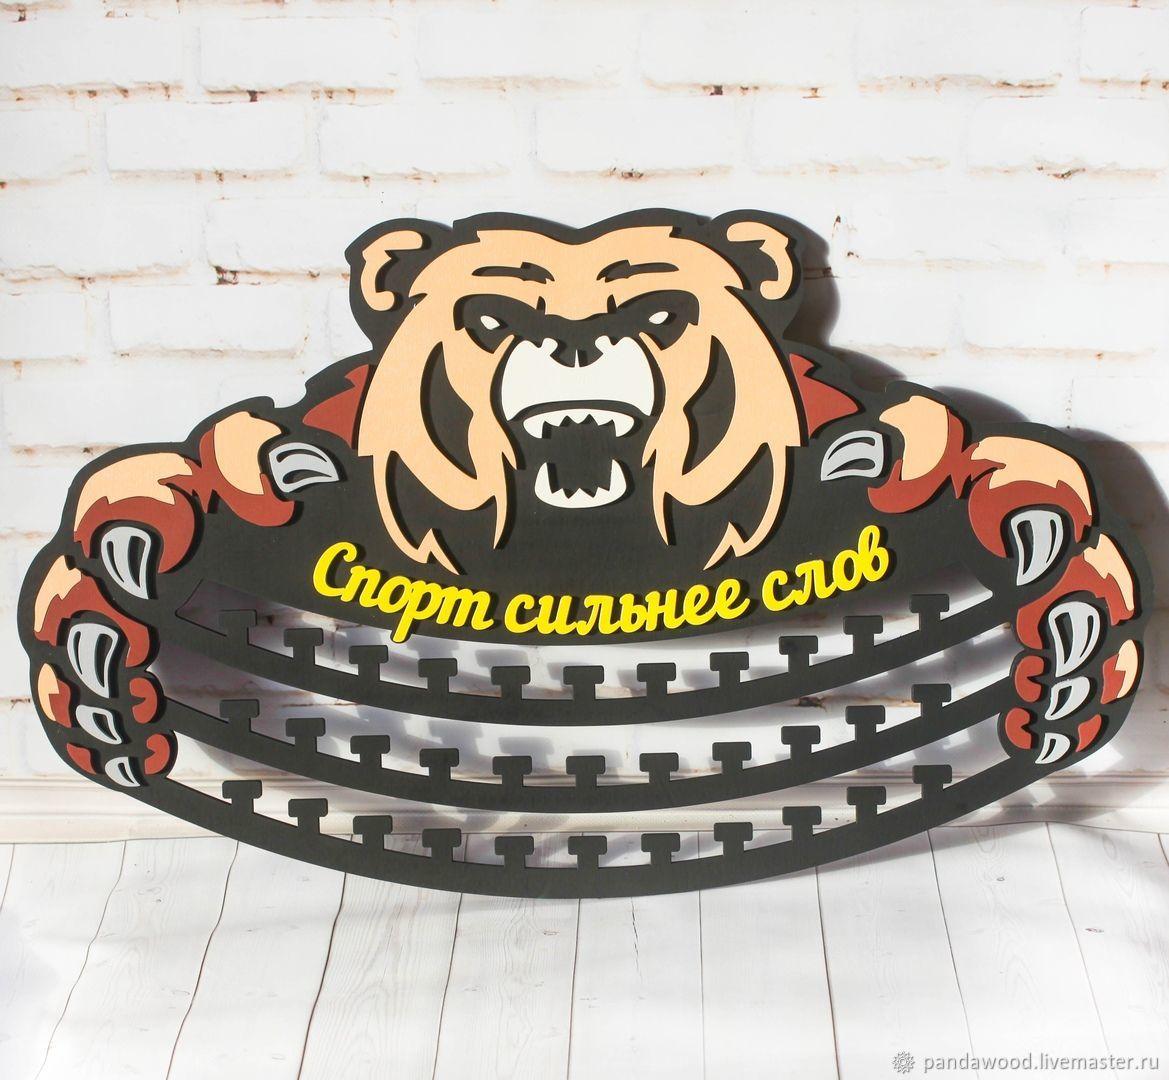 """Фоторамки ручной работы. Ярмарка Мастеров - ручная работа. Купить Медальница """"медведь"""" - спорт сильнее слов. Handmade. Награда, победа"""